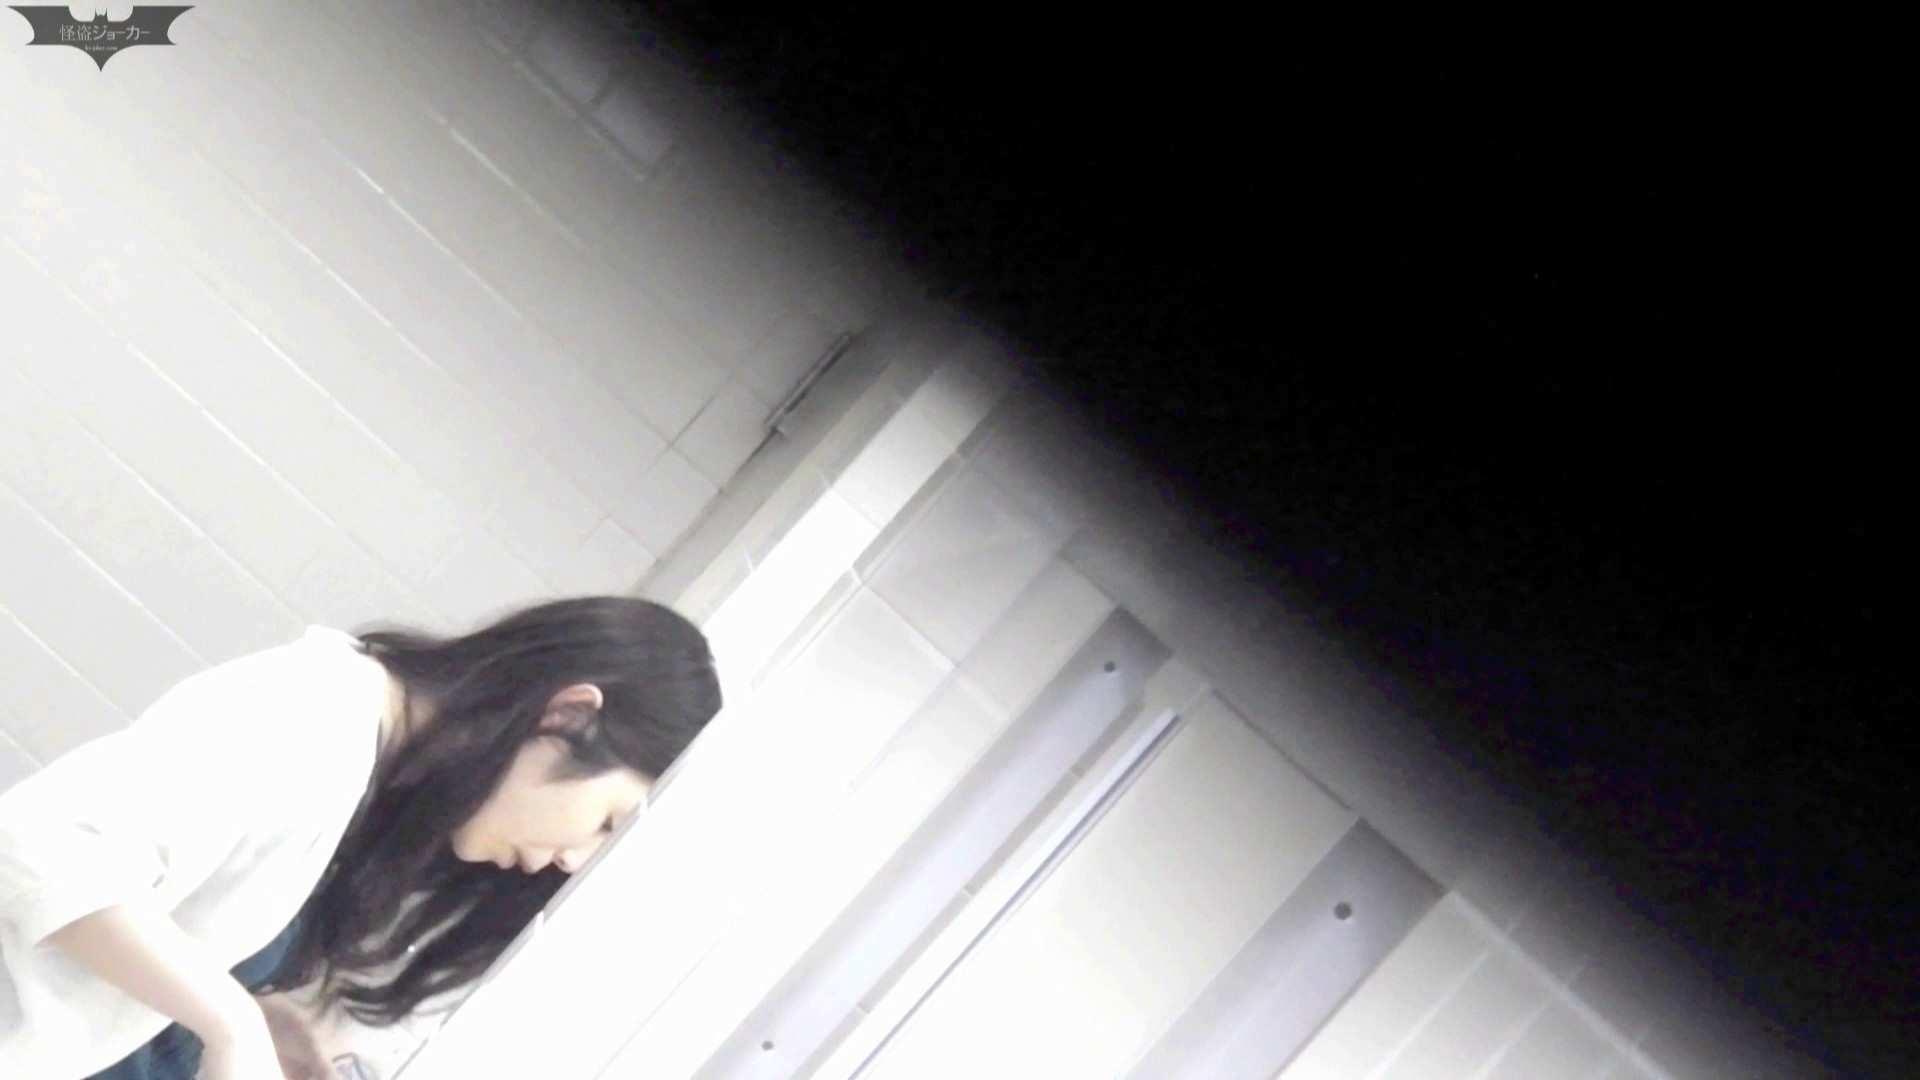 お銀 vol.68 無謀に通路に飛び出て一番明るいフロント撮り実現、見所満載 洗面所 | OL女体  94連発 52